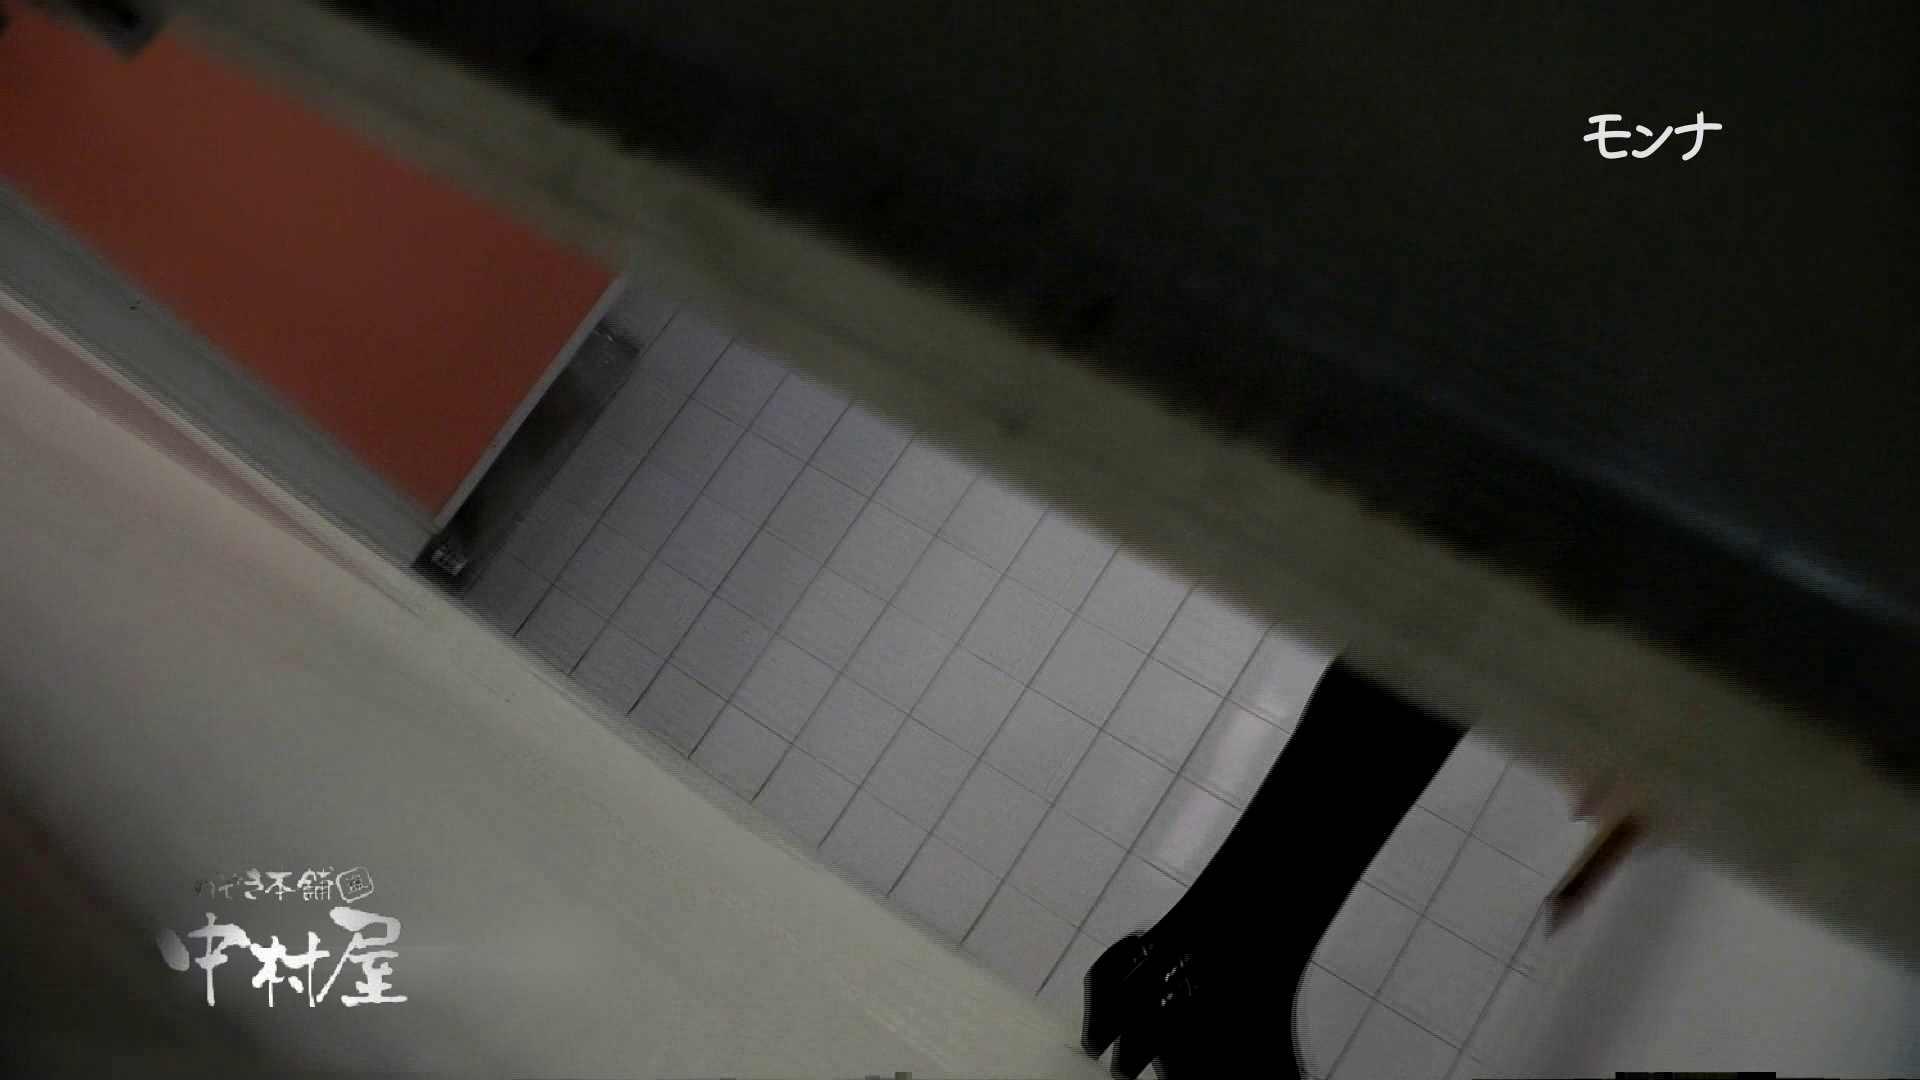 【美しい日本の未来】新学期!!下半身中心に攻めてます美女可愛い女子悪戯盗satuトイレ後編 悪戯 | 下半身  97pic 22